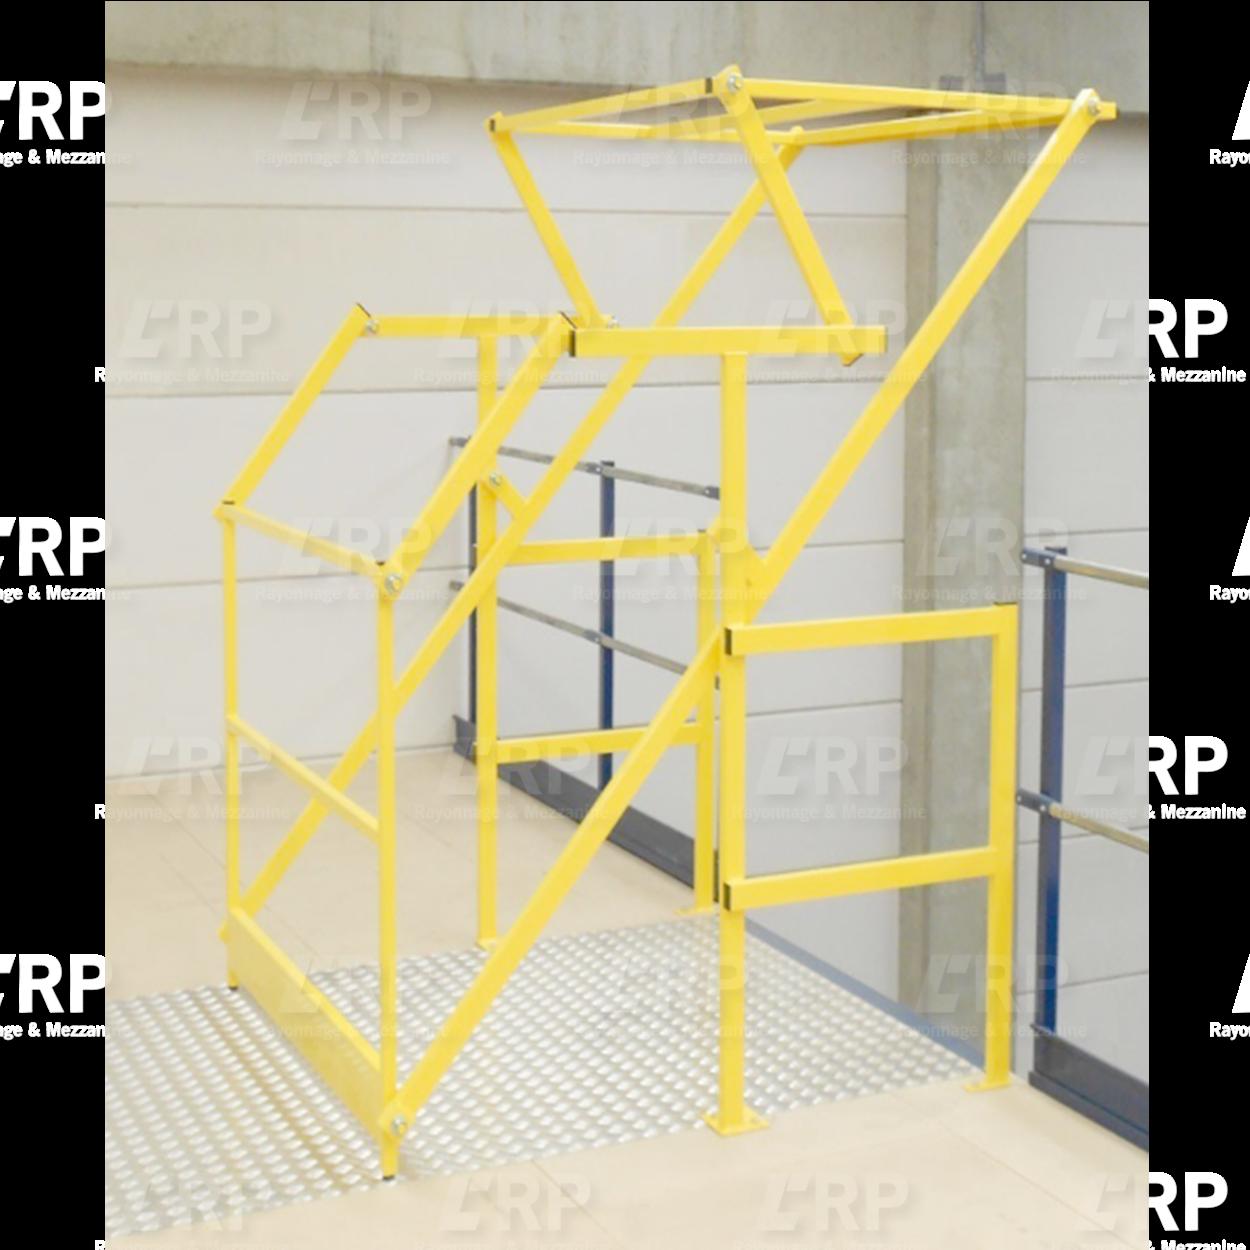 Sas de sécurité pour mezzanine de stockage / Barrière écluse de sécurité